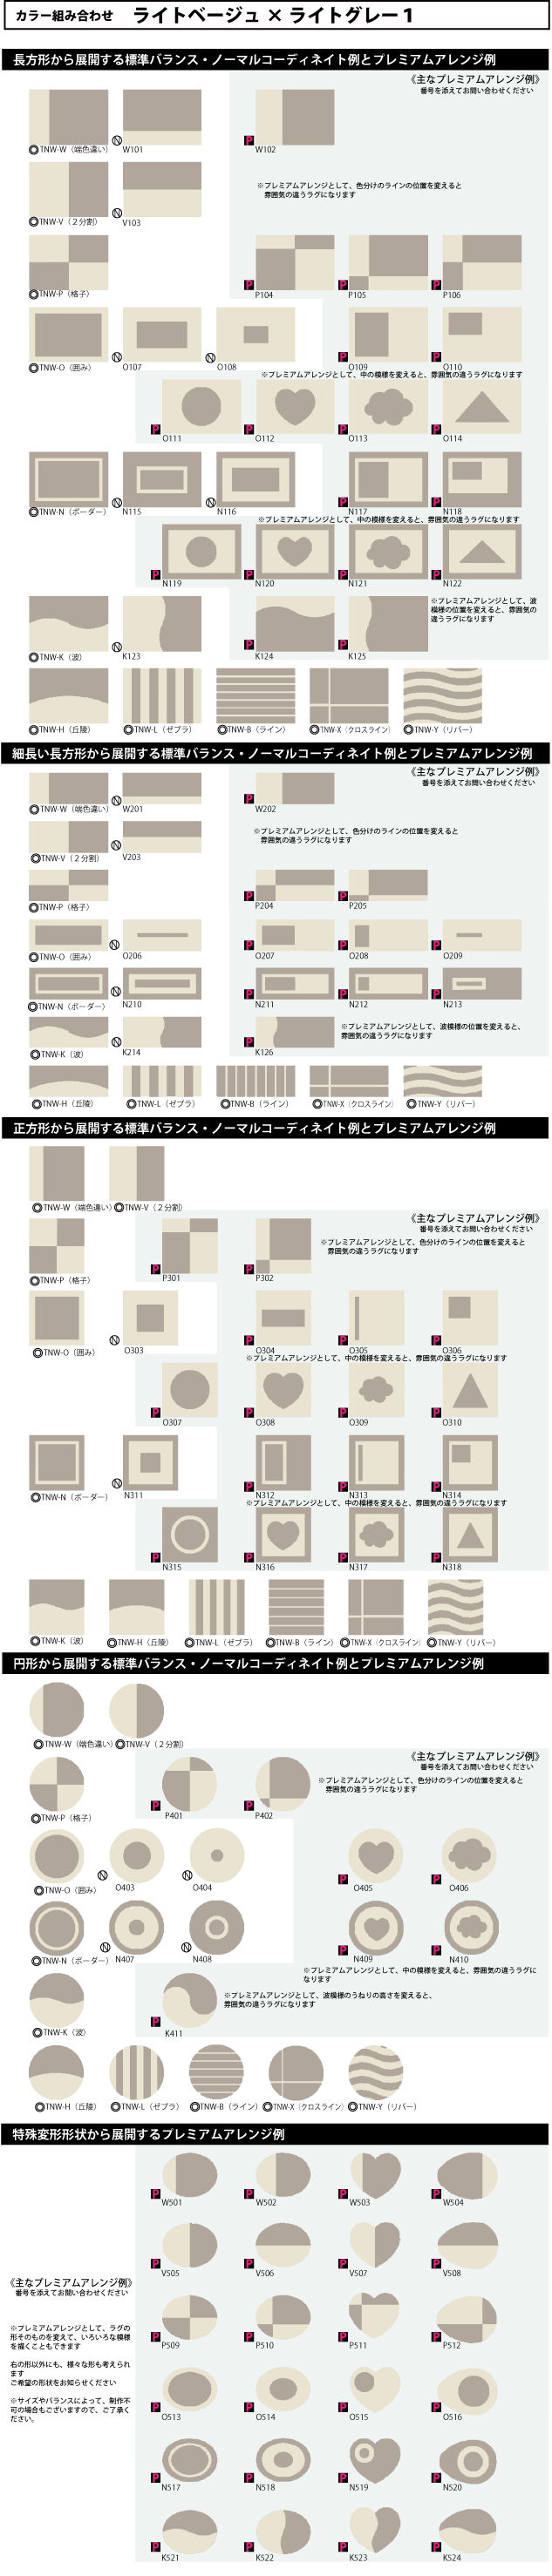 オーダーラグのカラー組み合わせ例